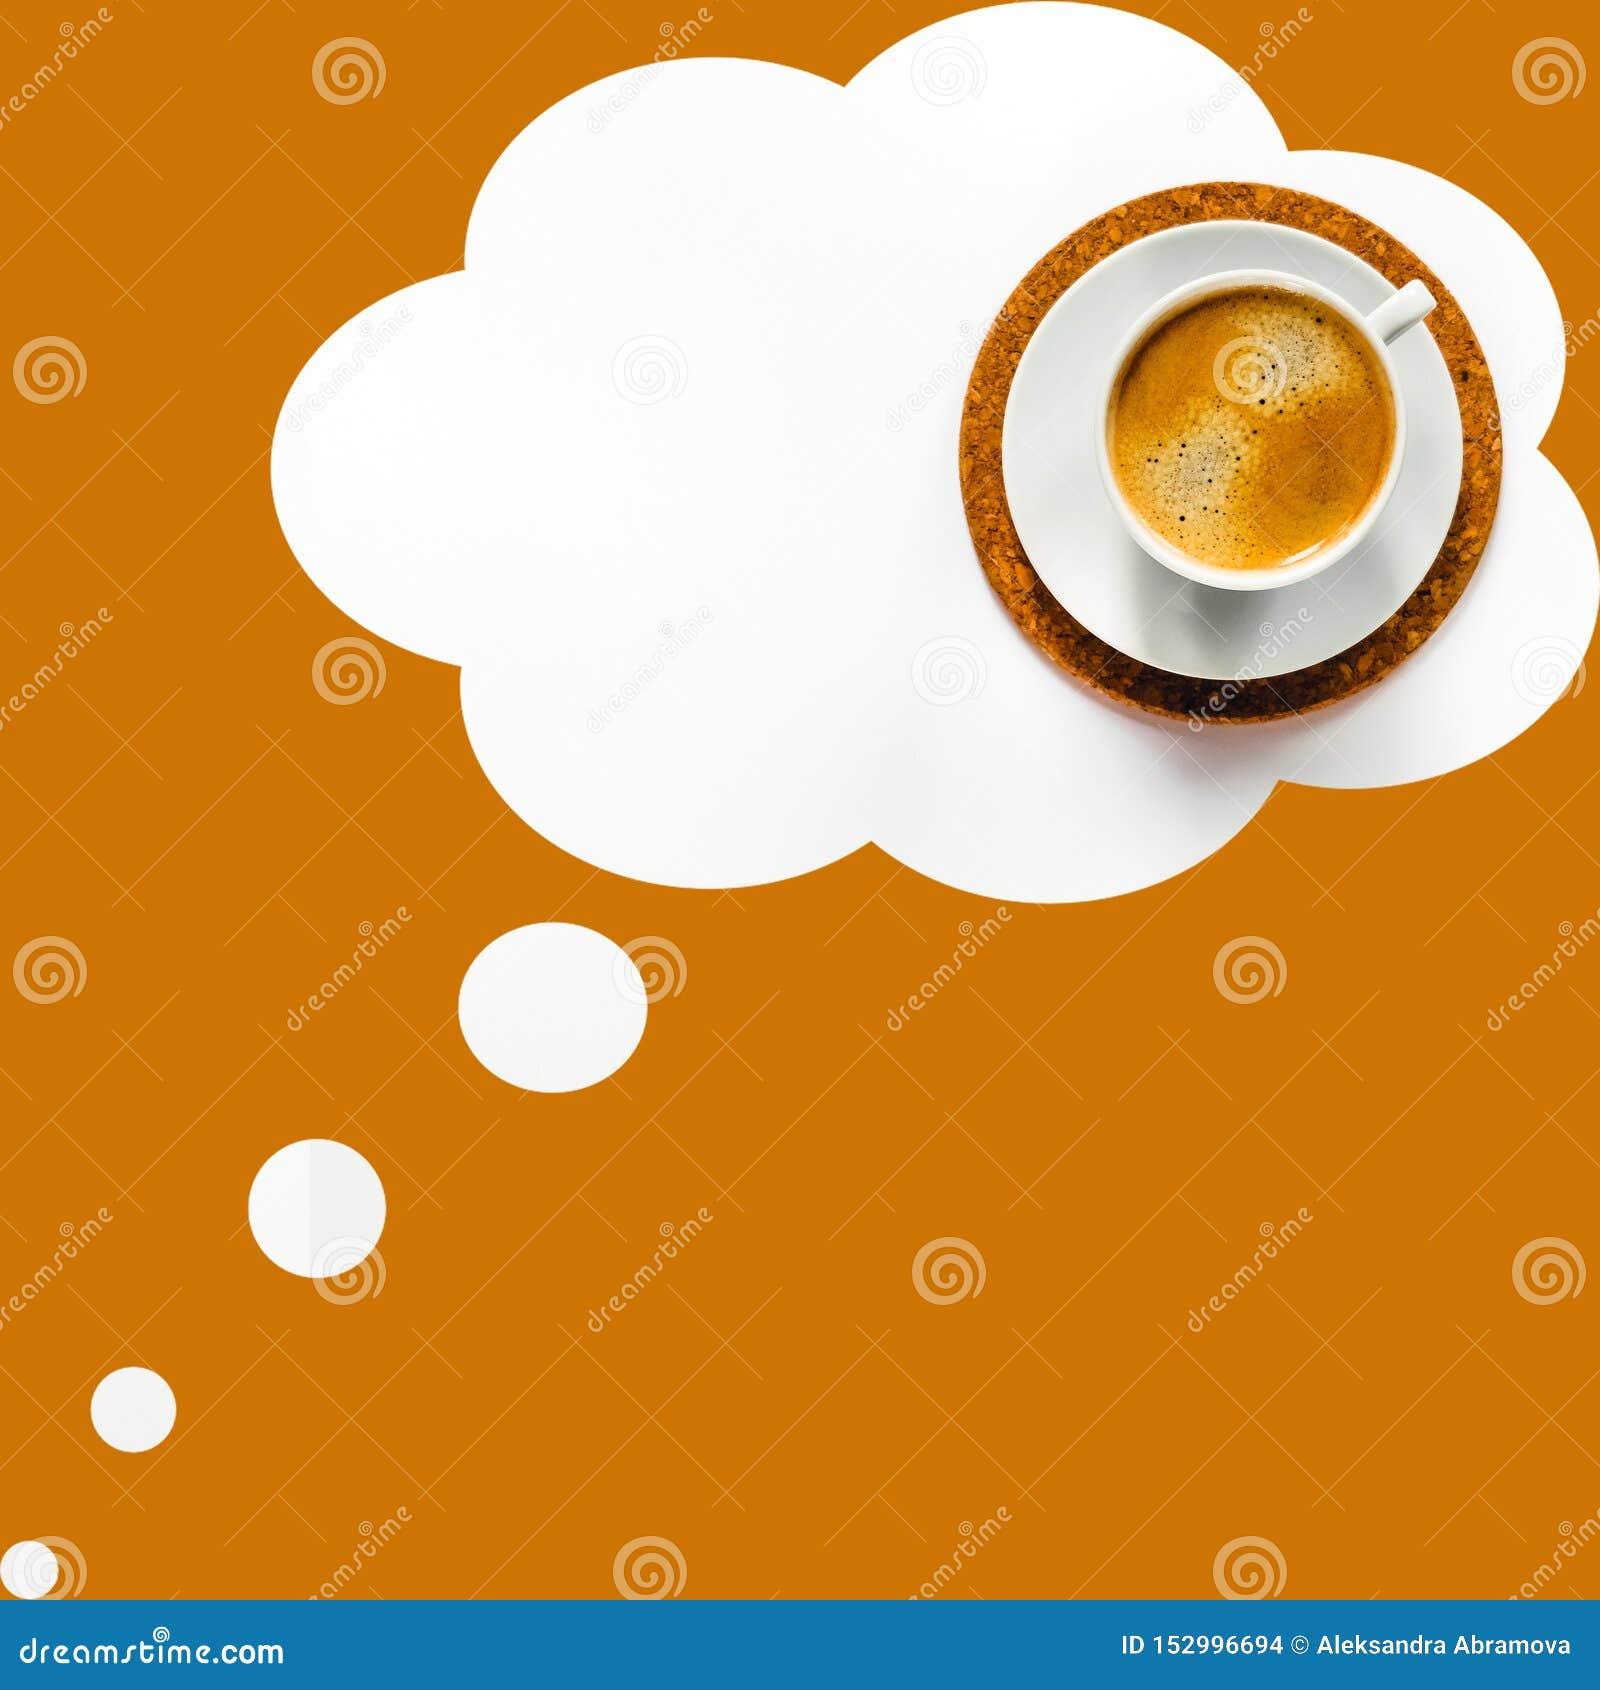 A Cup of espresso in your dreams.